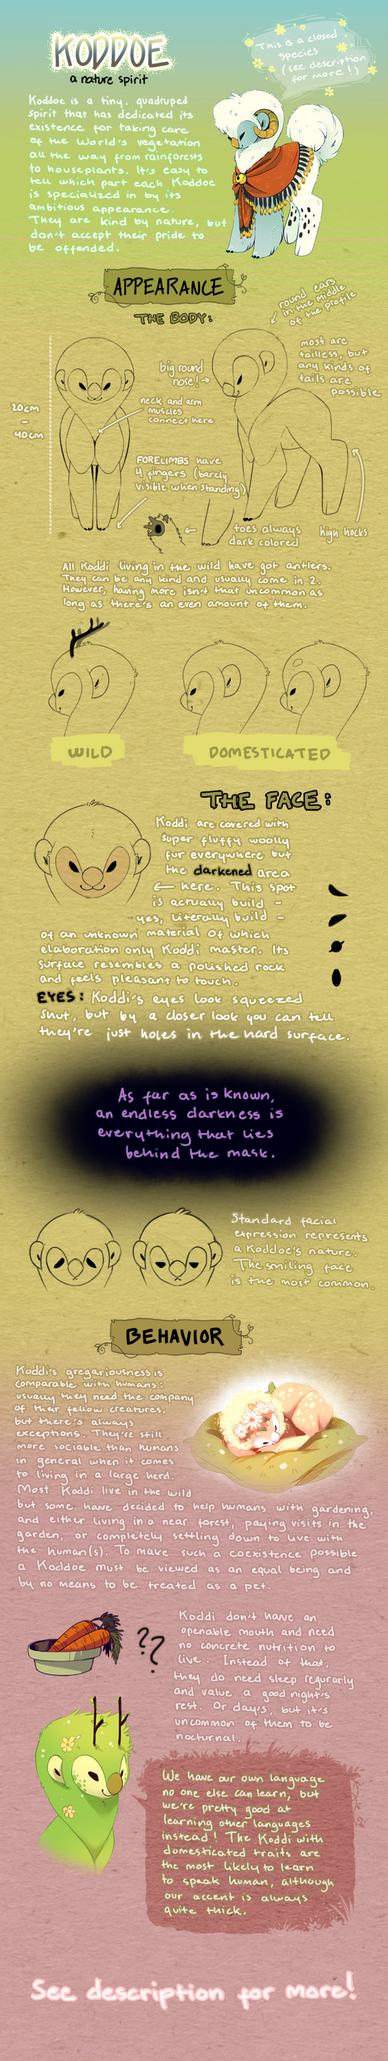 Koddoe: Species Guide by Jeniak